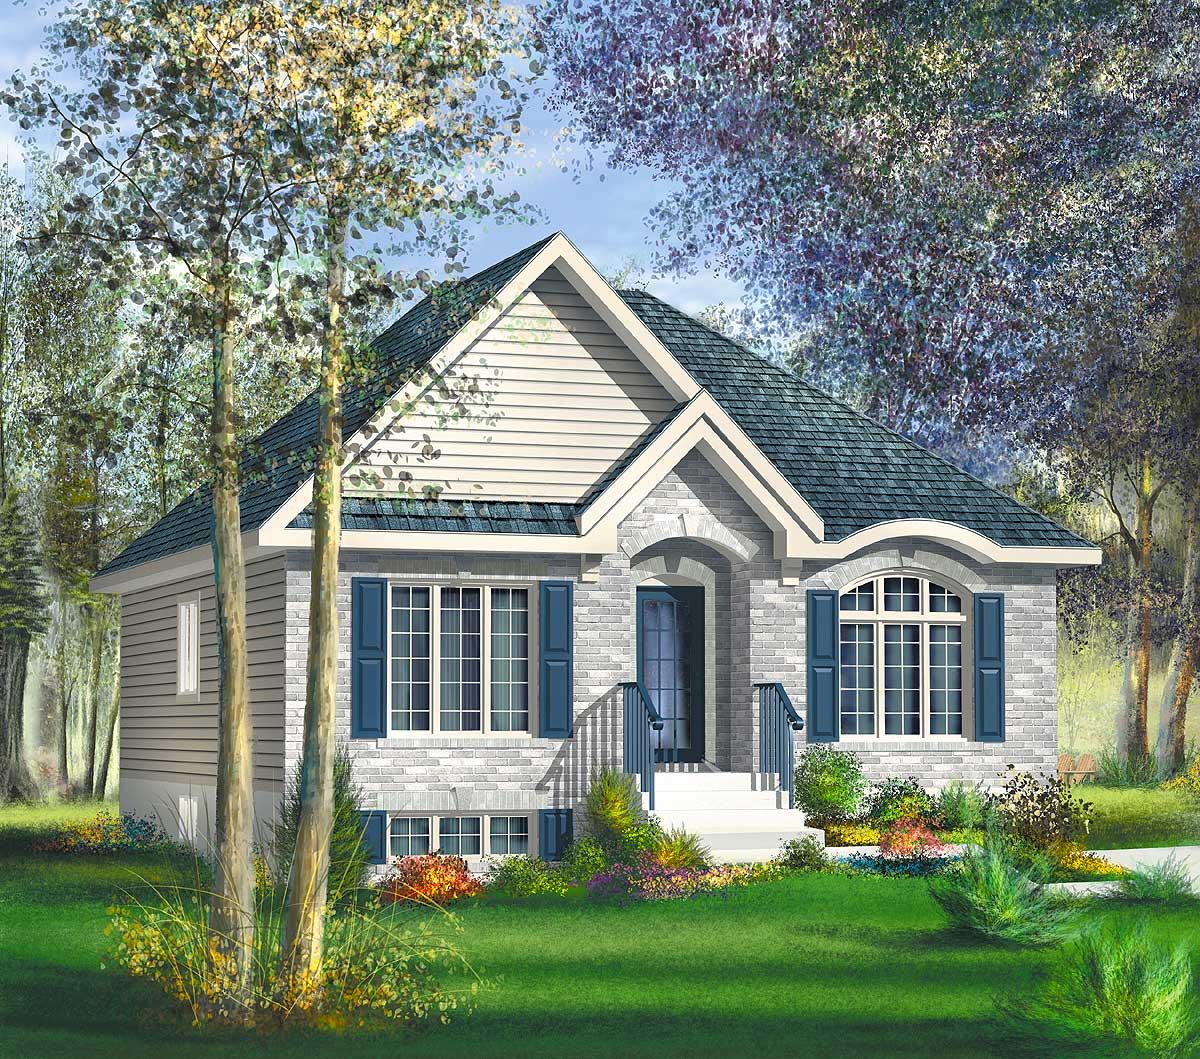 Cozy Bungalow Cottage - 80401PM